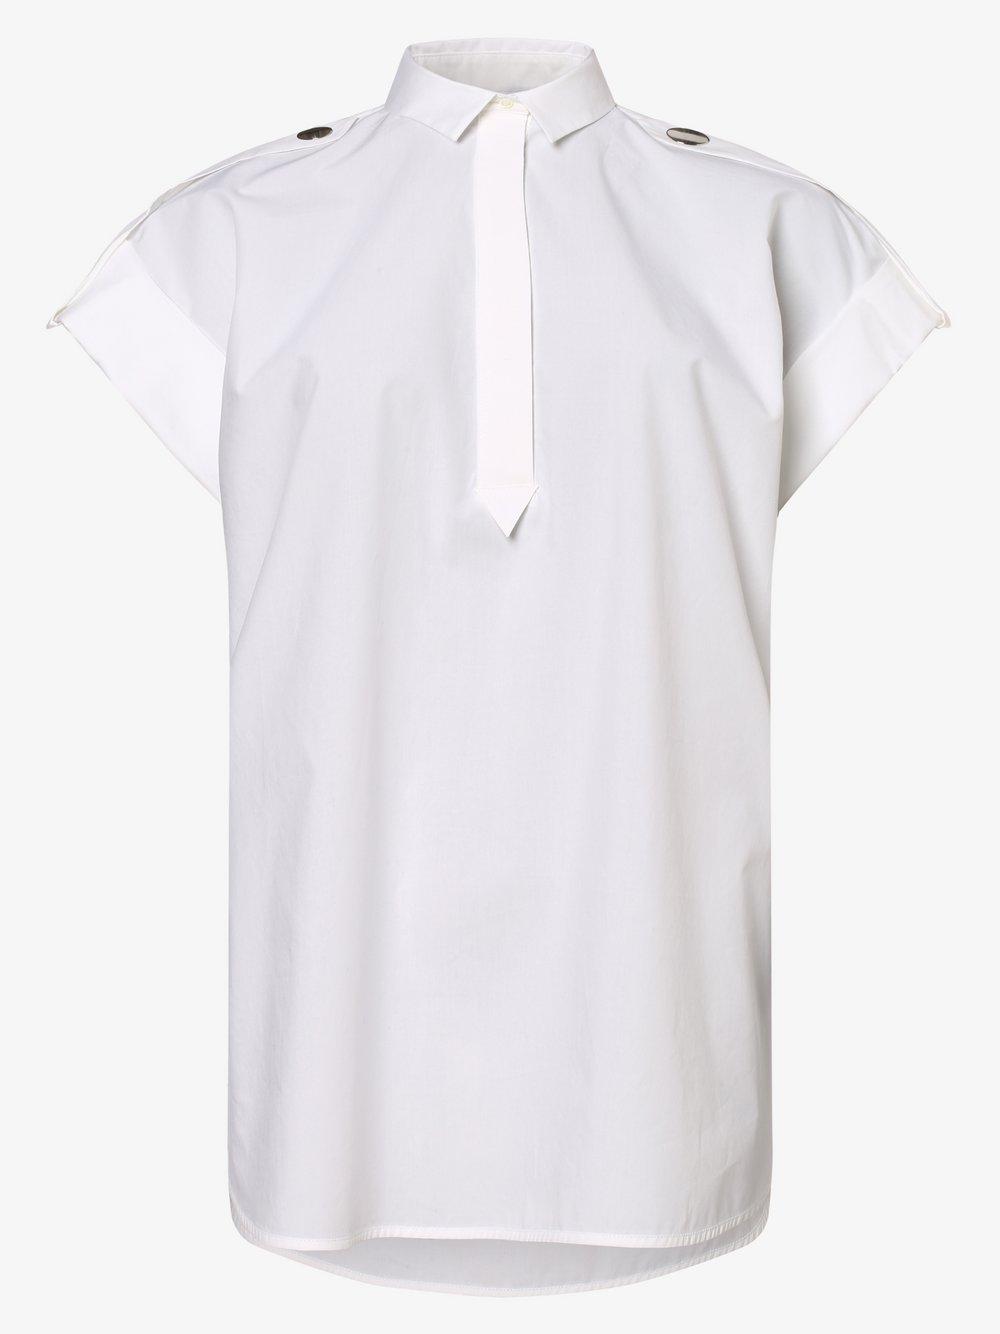 Louis & Mia – Bluzka damska, biały Van Graaf 465319-0001-00360